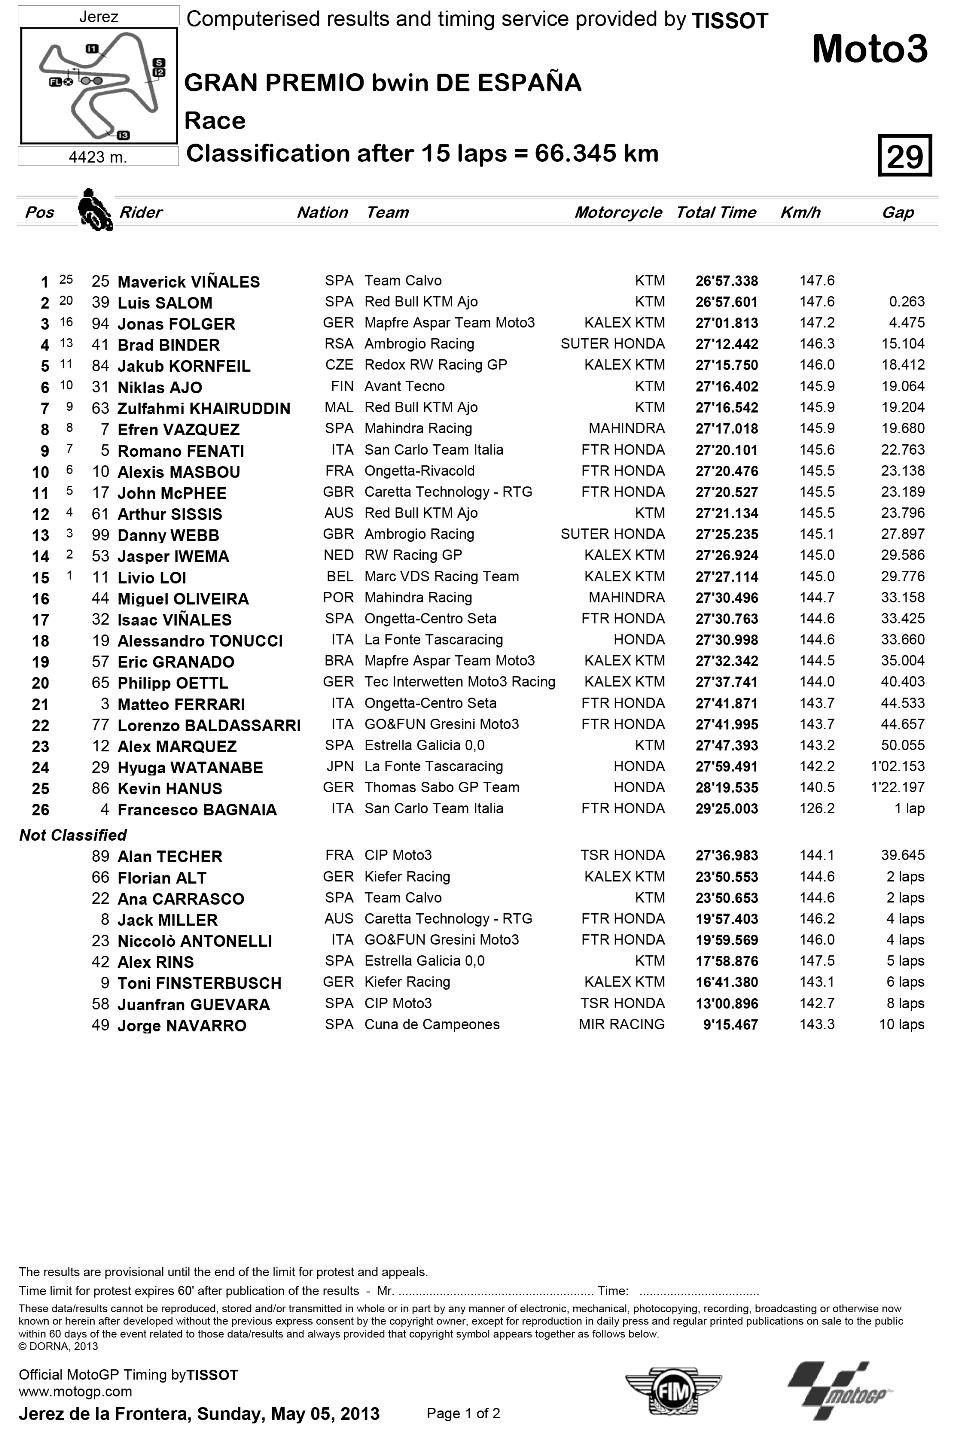 Представляем результаты гонки Moto3 Гран-При Испании 2013: